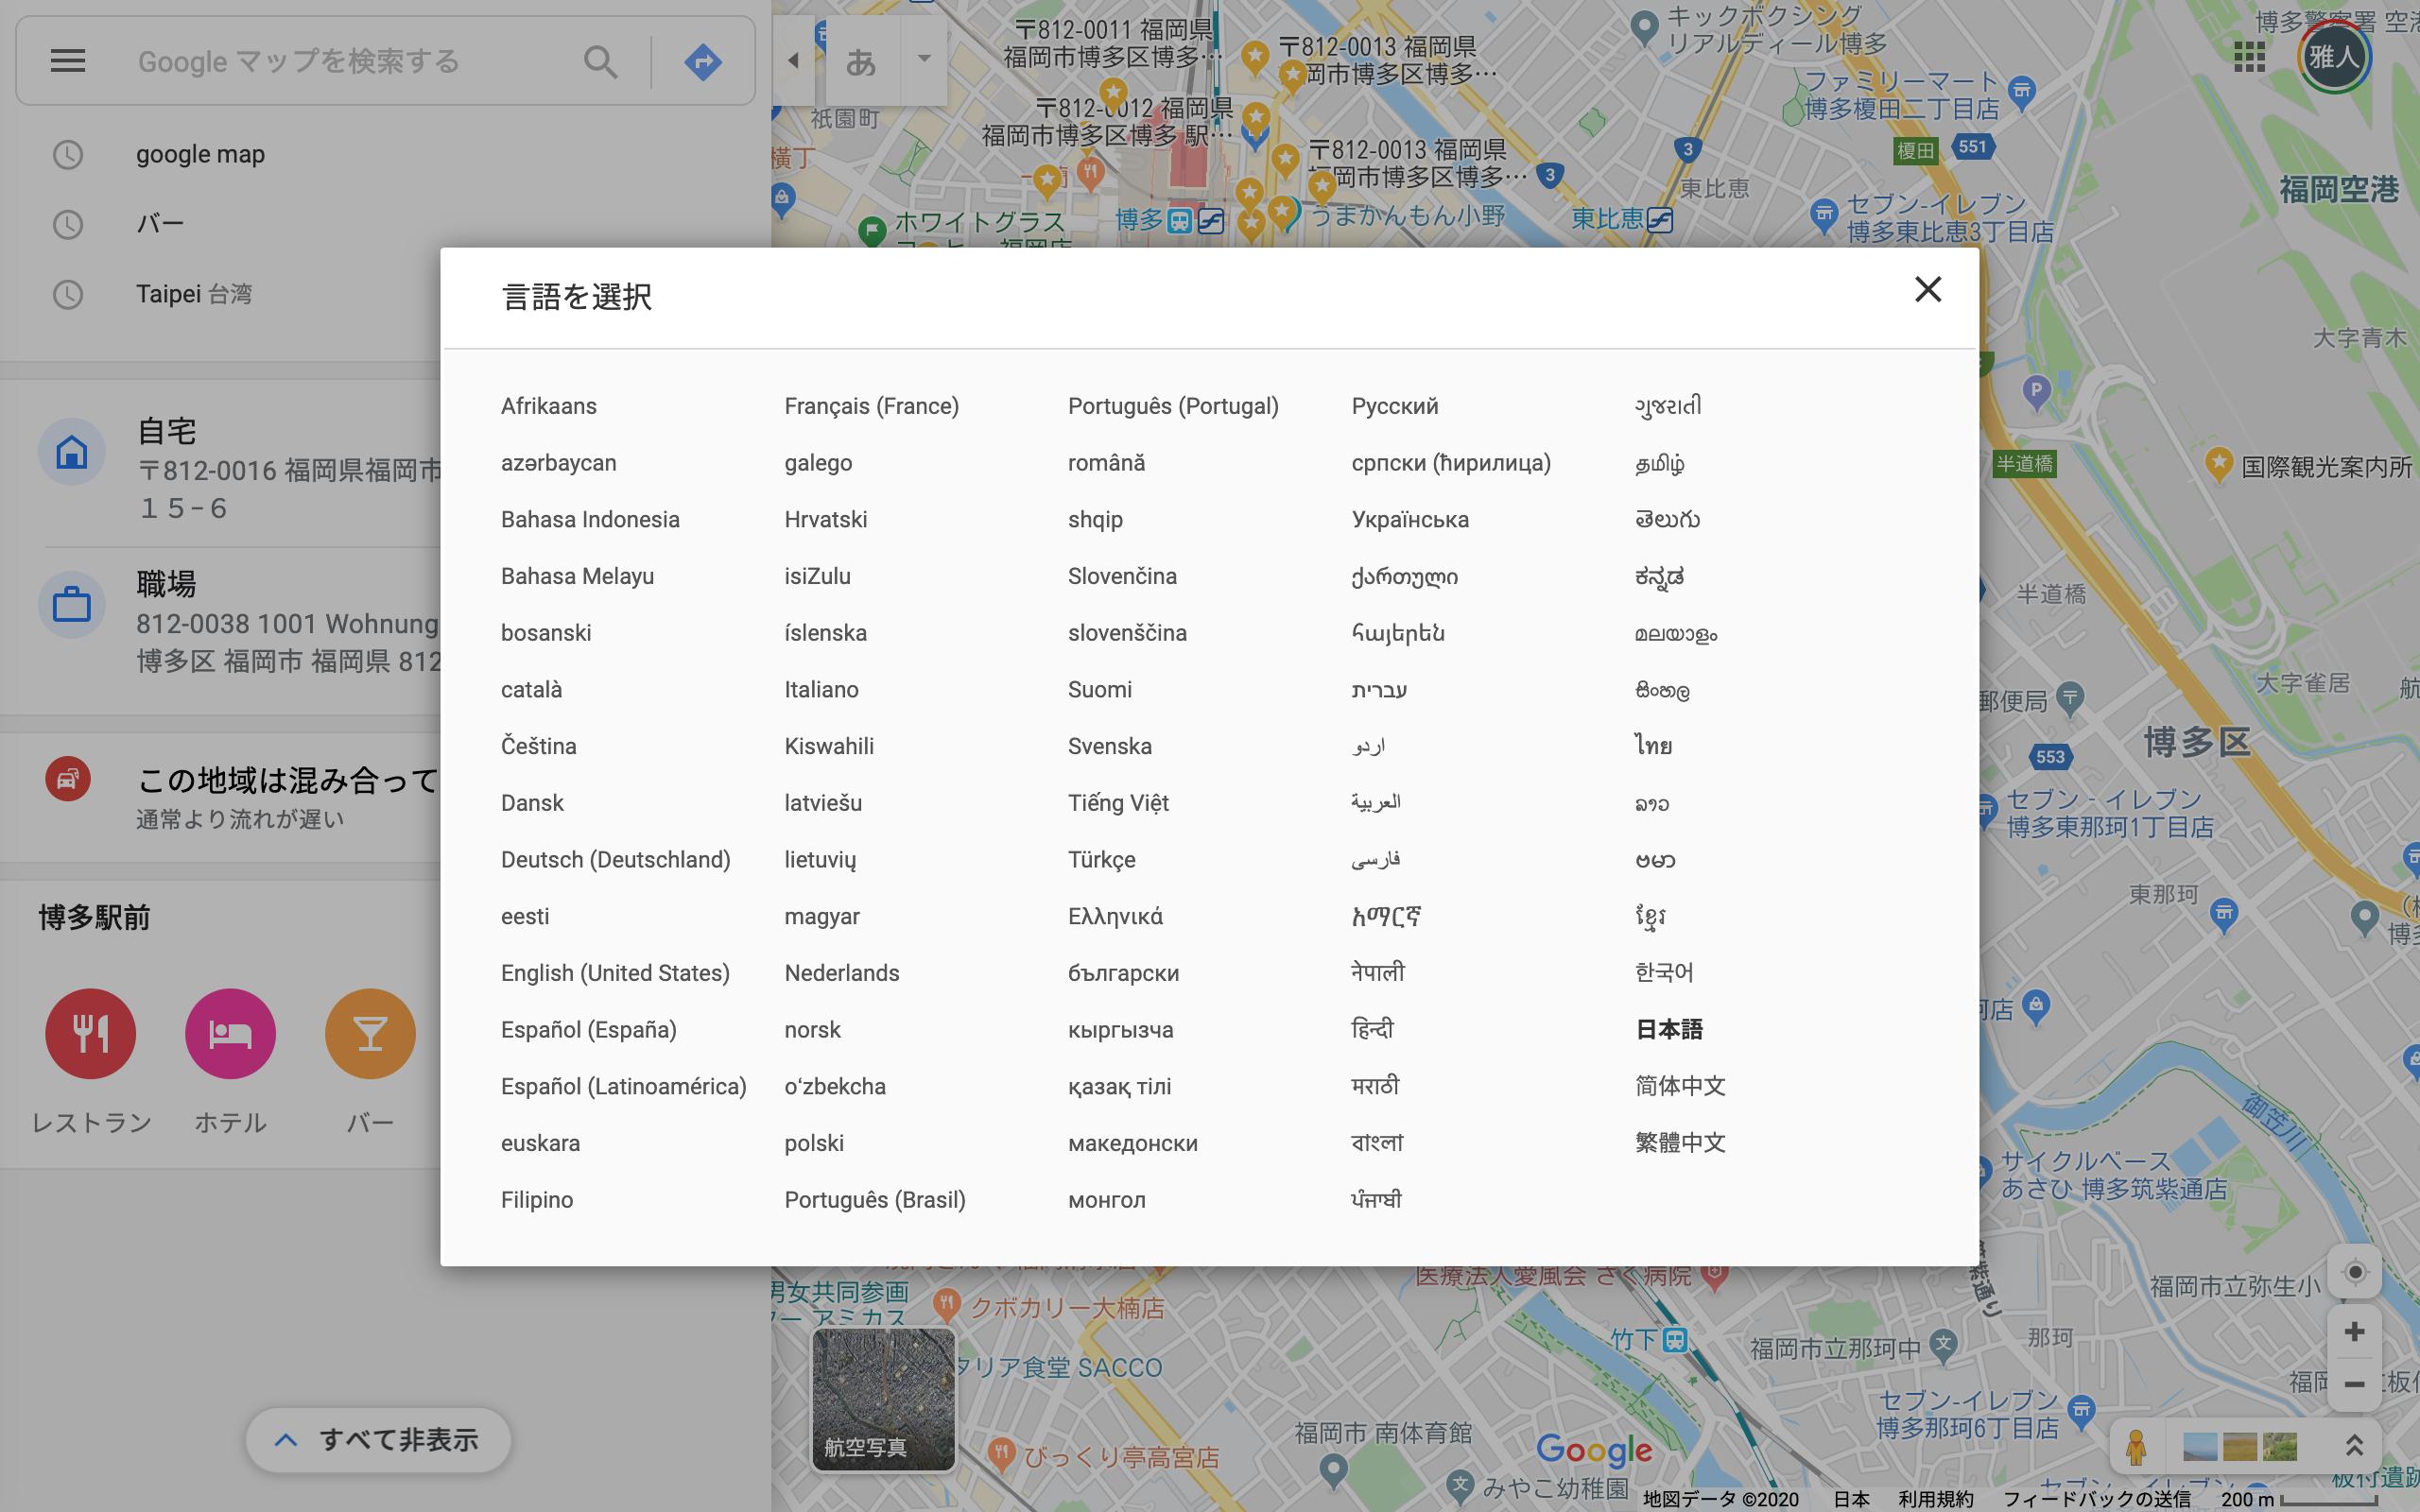 Google Map多言語対応